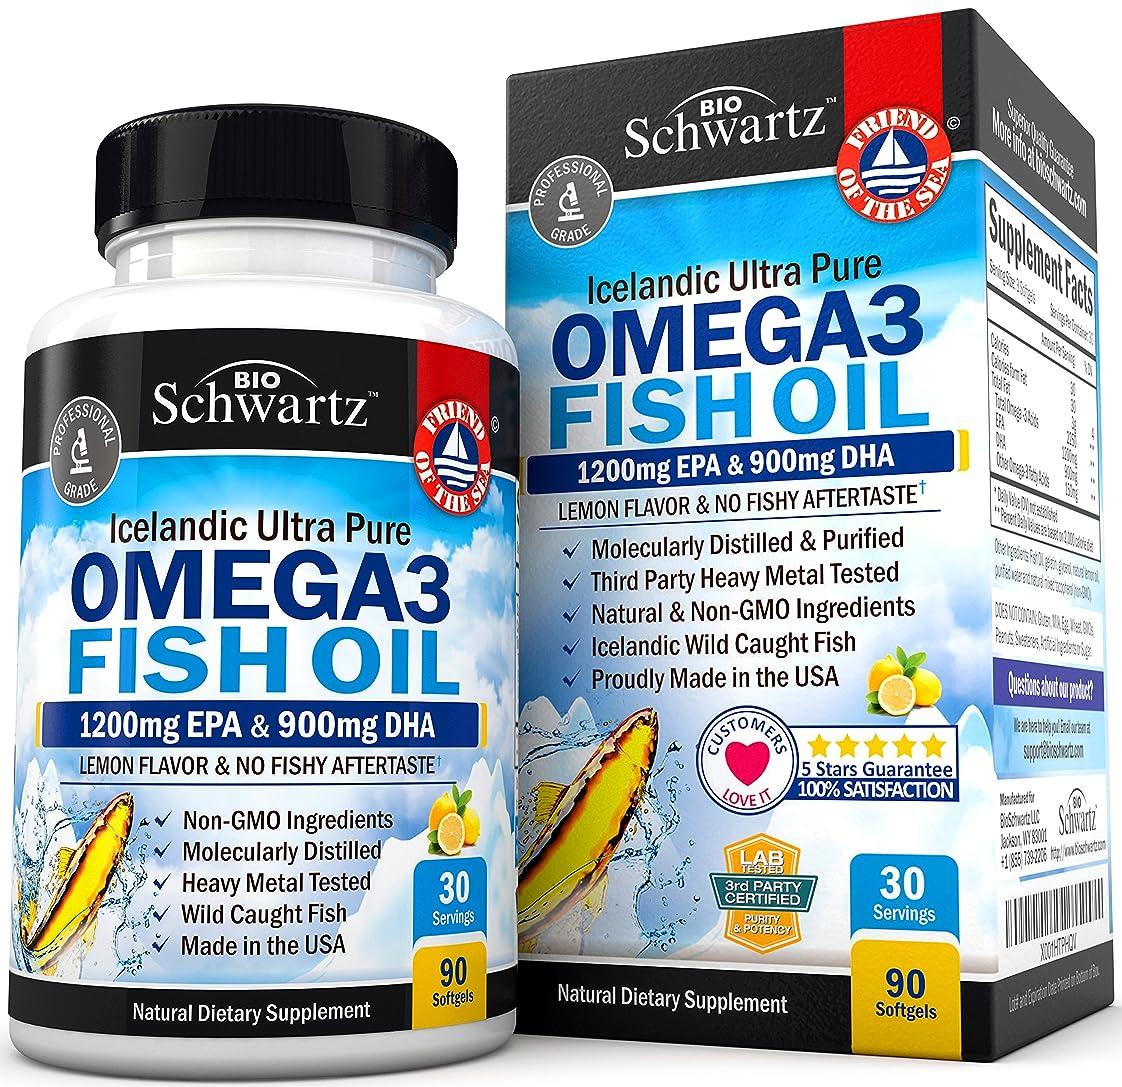 果てしない全滅させる持つBioSchwartz Omega 3 Fish Oil Supplement with 1200mg EPA, 900mg DHA 90粒